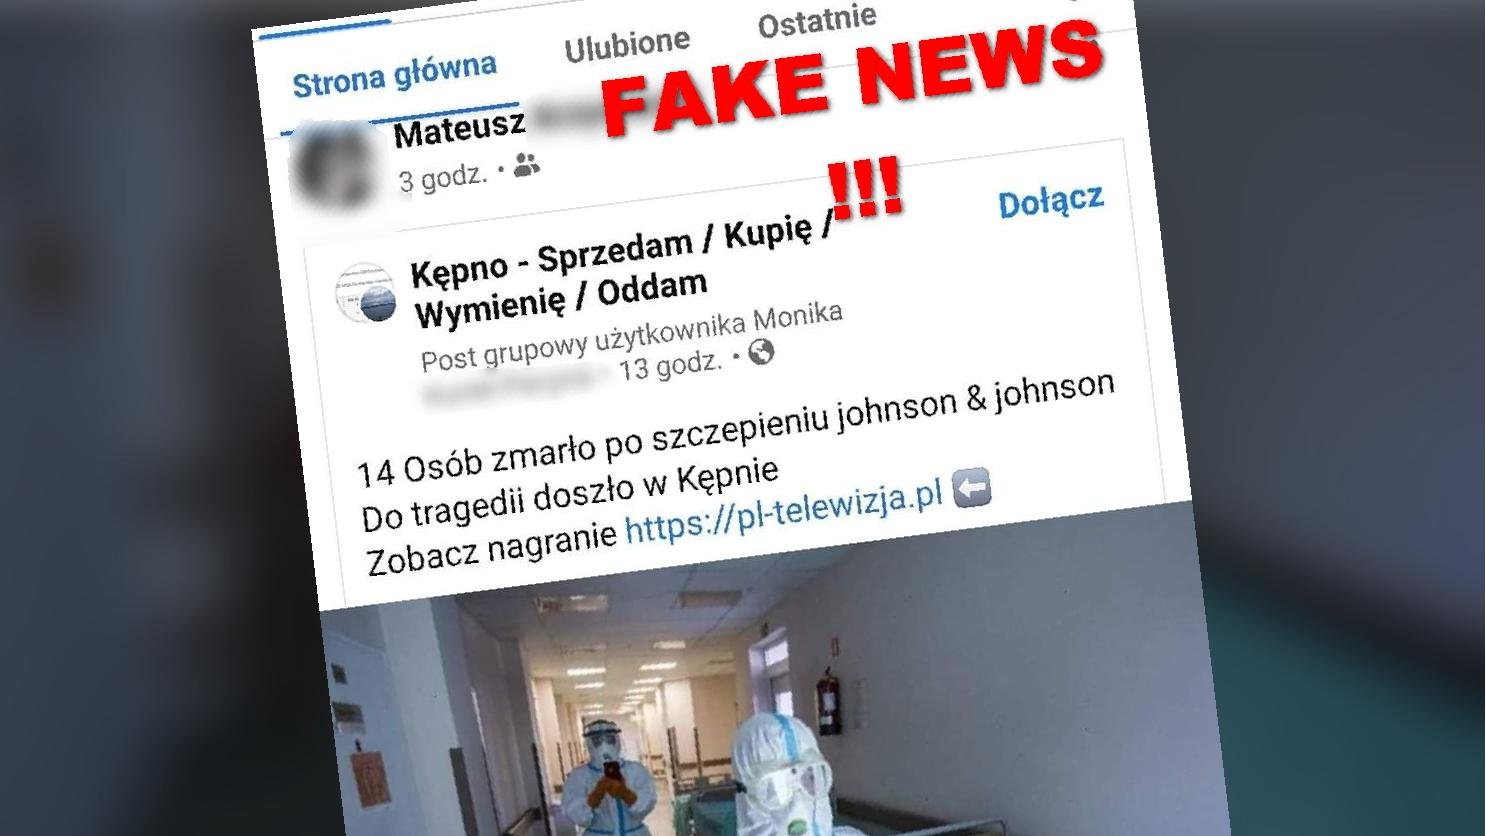 14 osób zmarło nagle po szczepieniu? Policja ostrzega: Nie klikaj w ten post! - Zdjęcie główne